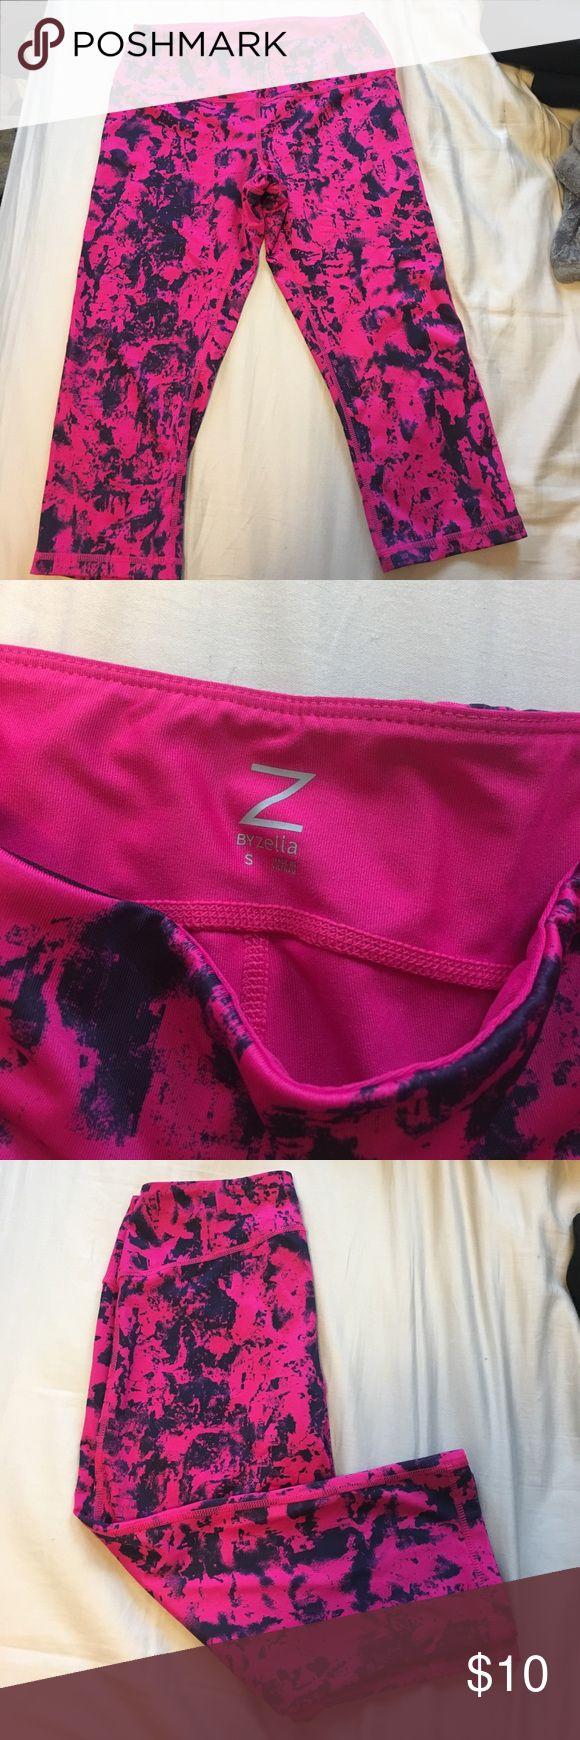 Printed gym capris Pink and blue/black printed exercise Capri leggings Zella Pants Leggings